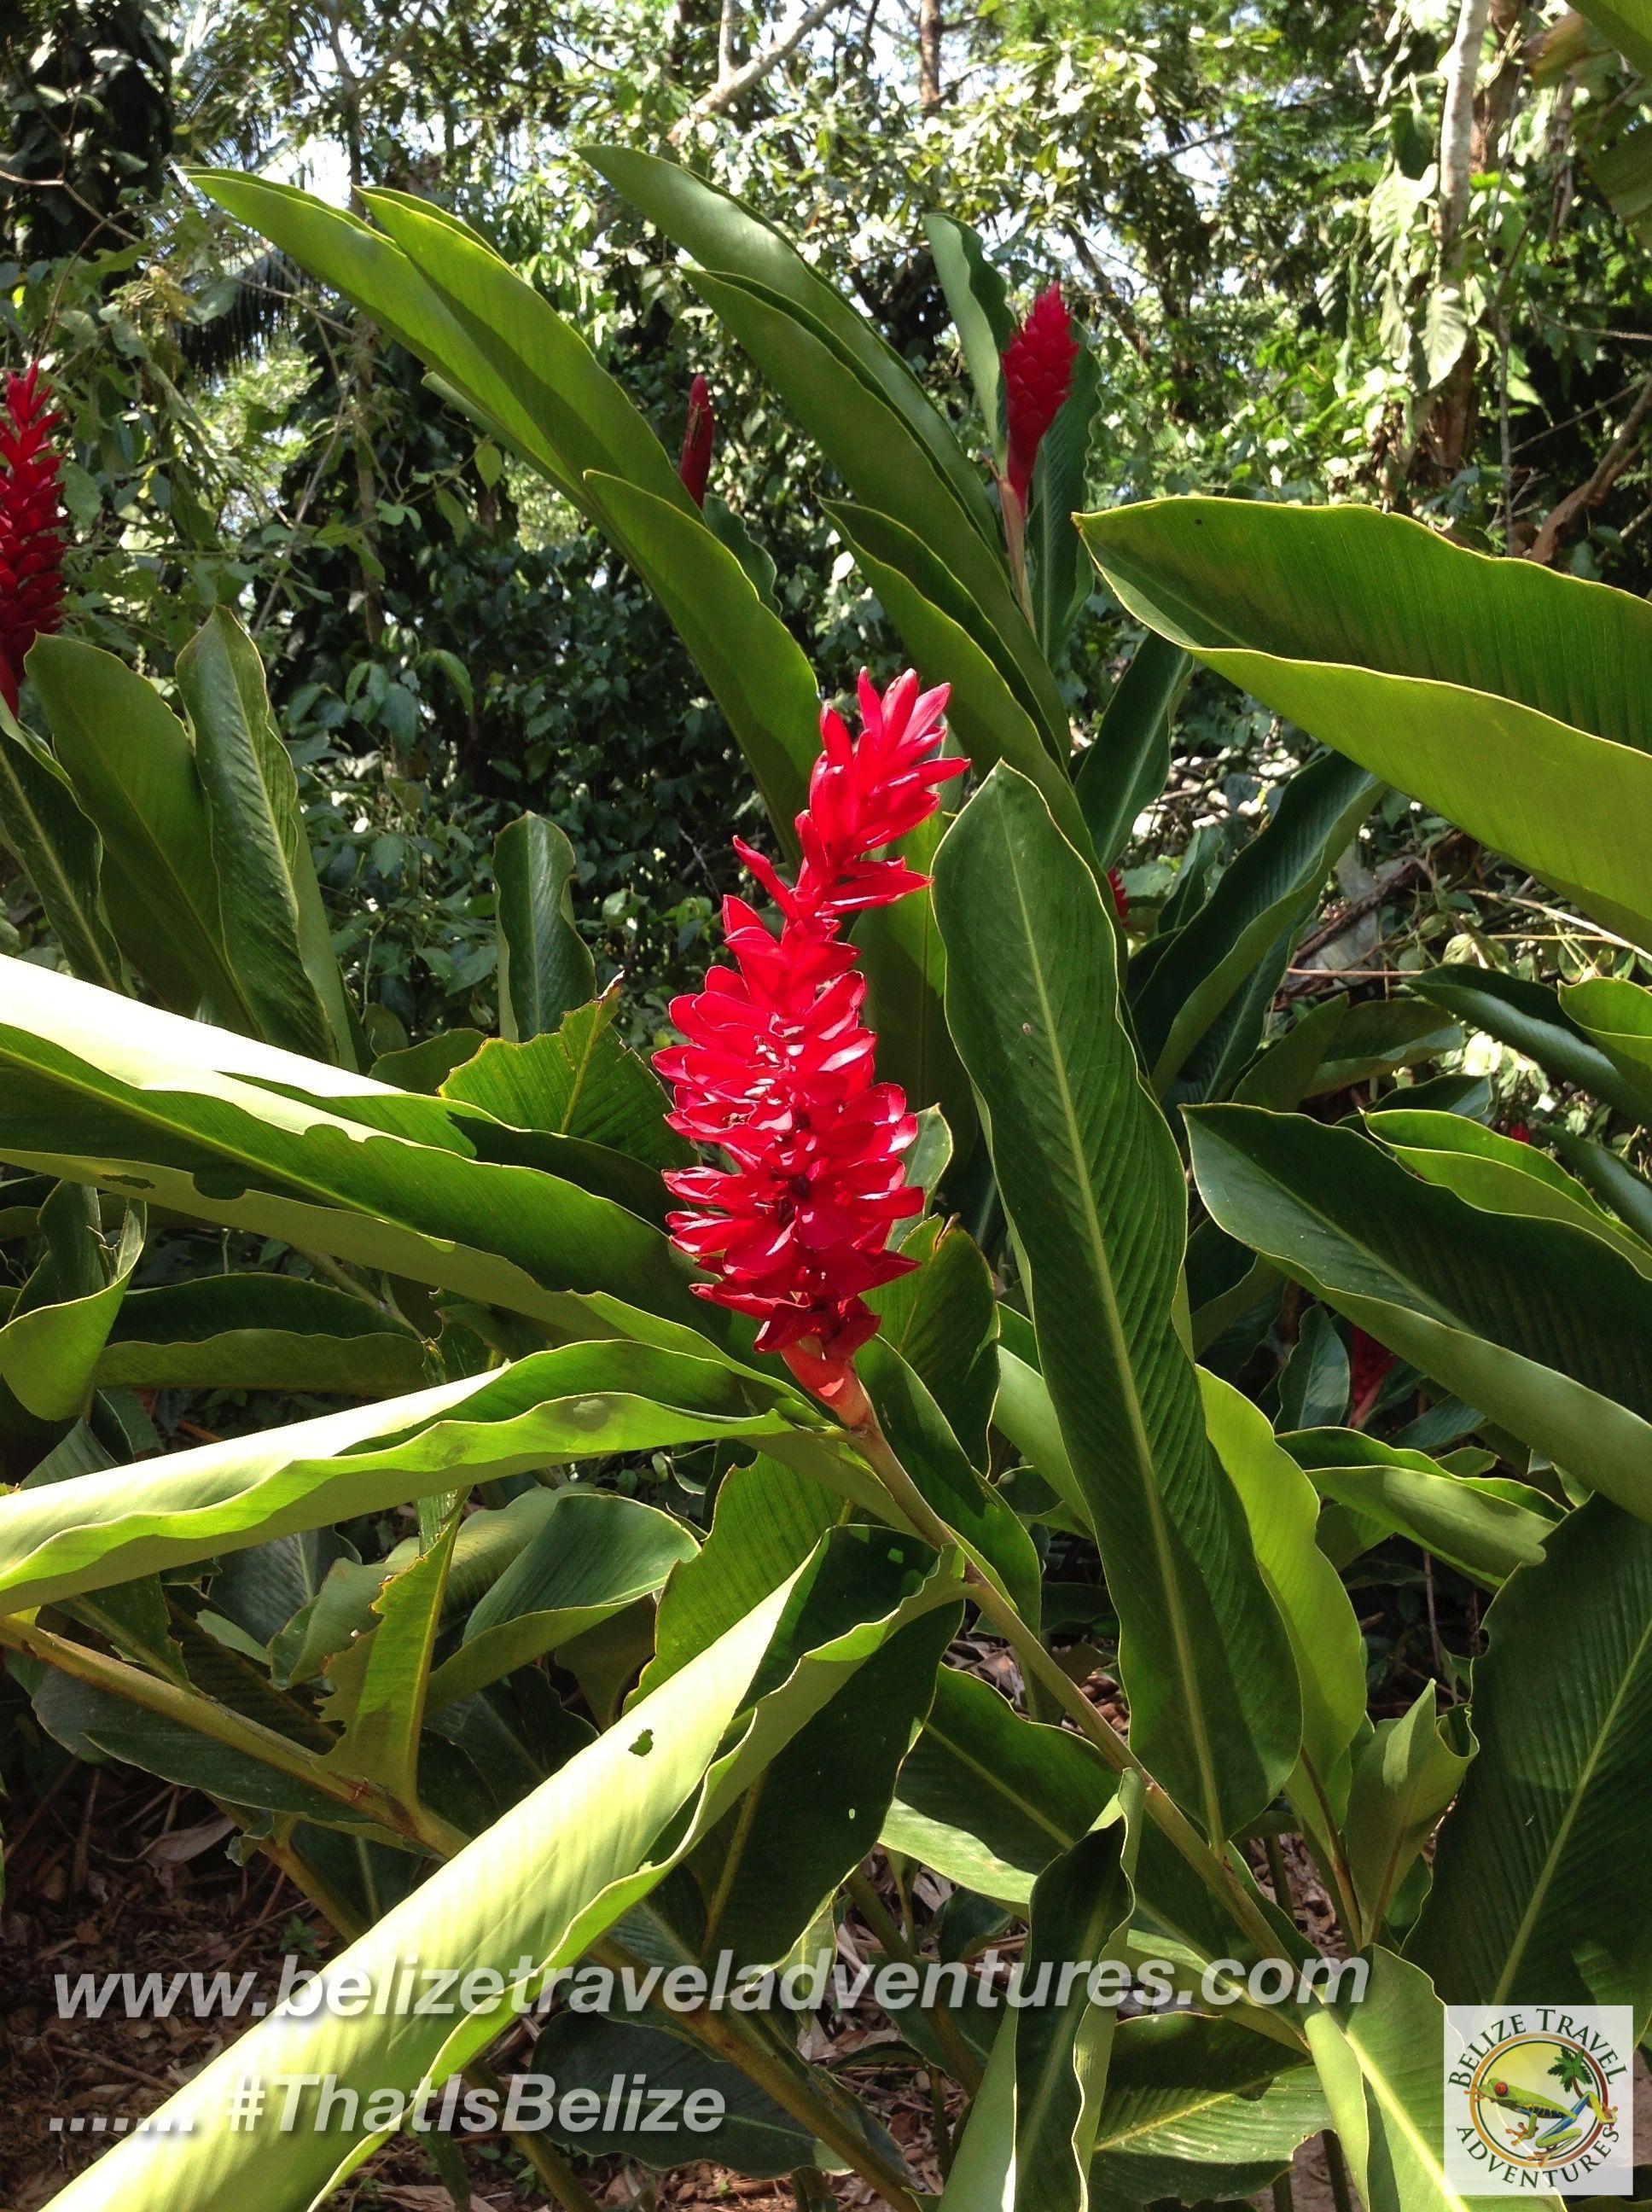 #JungleHike #Ginger #Belize #Flora #Hiking #Adventure